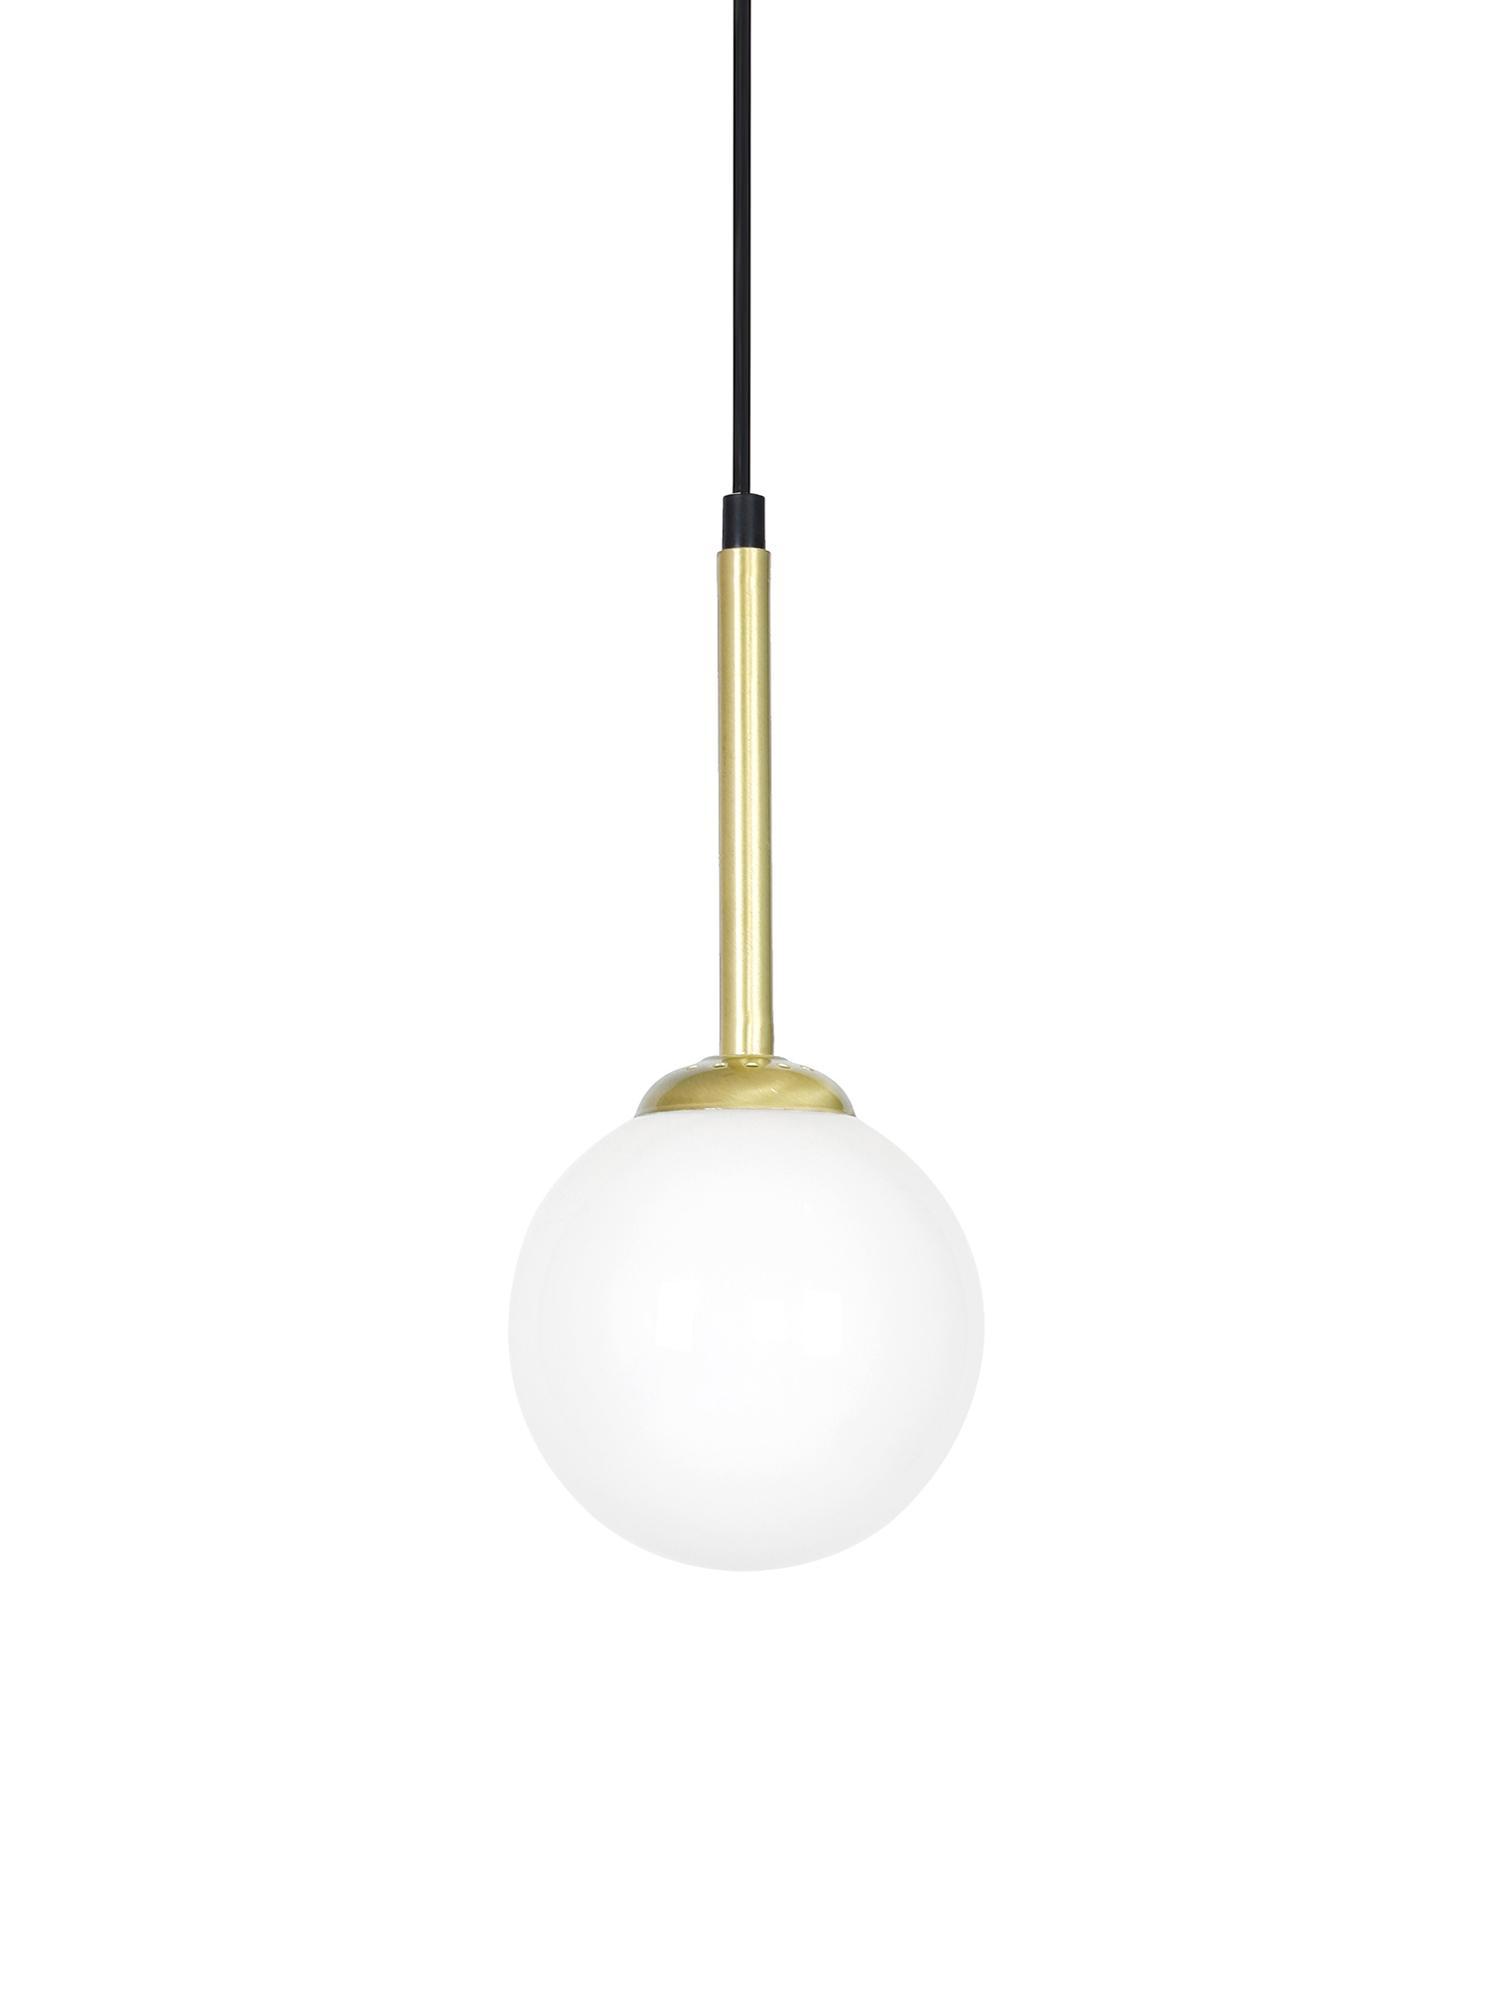 Kleine Pendelleuchte Parma aus Opalglas, Lampenschirm: Opalglas, Weiß, Messingfarben, Ø 14 x H 30 cm